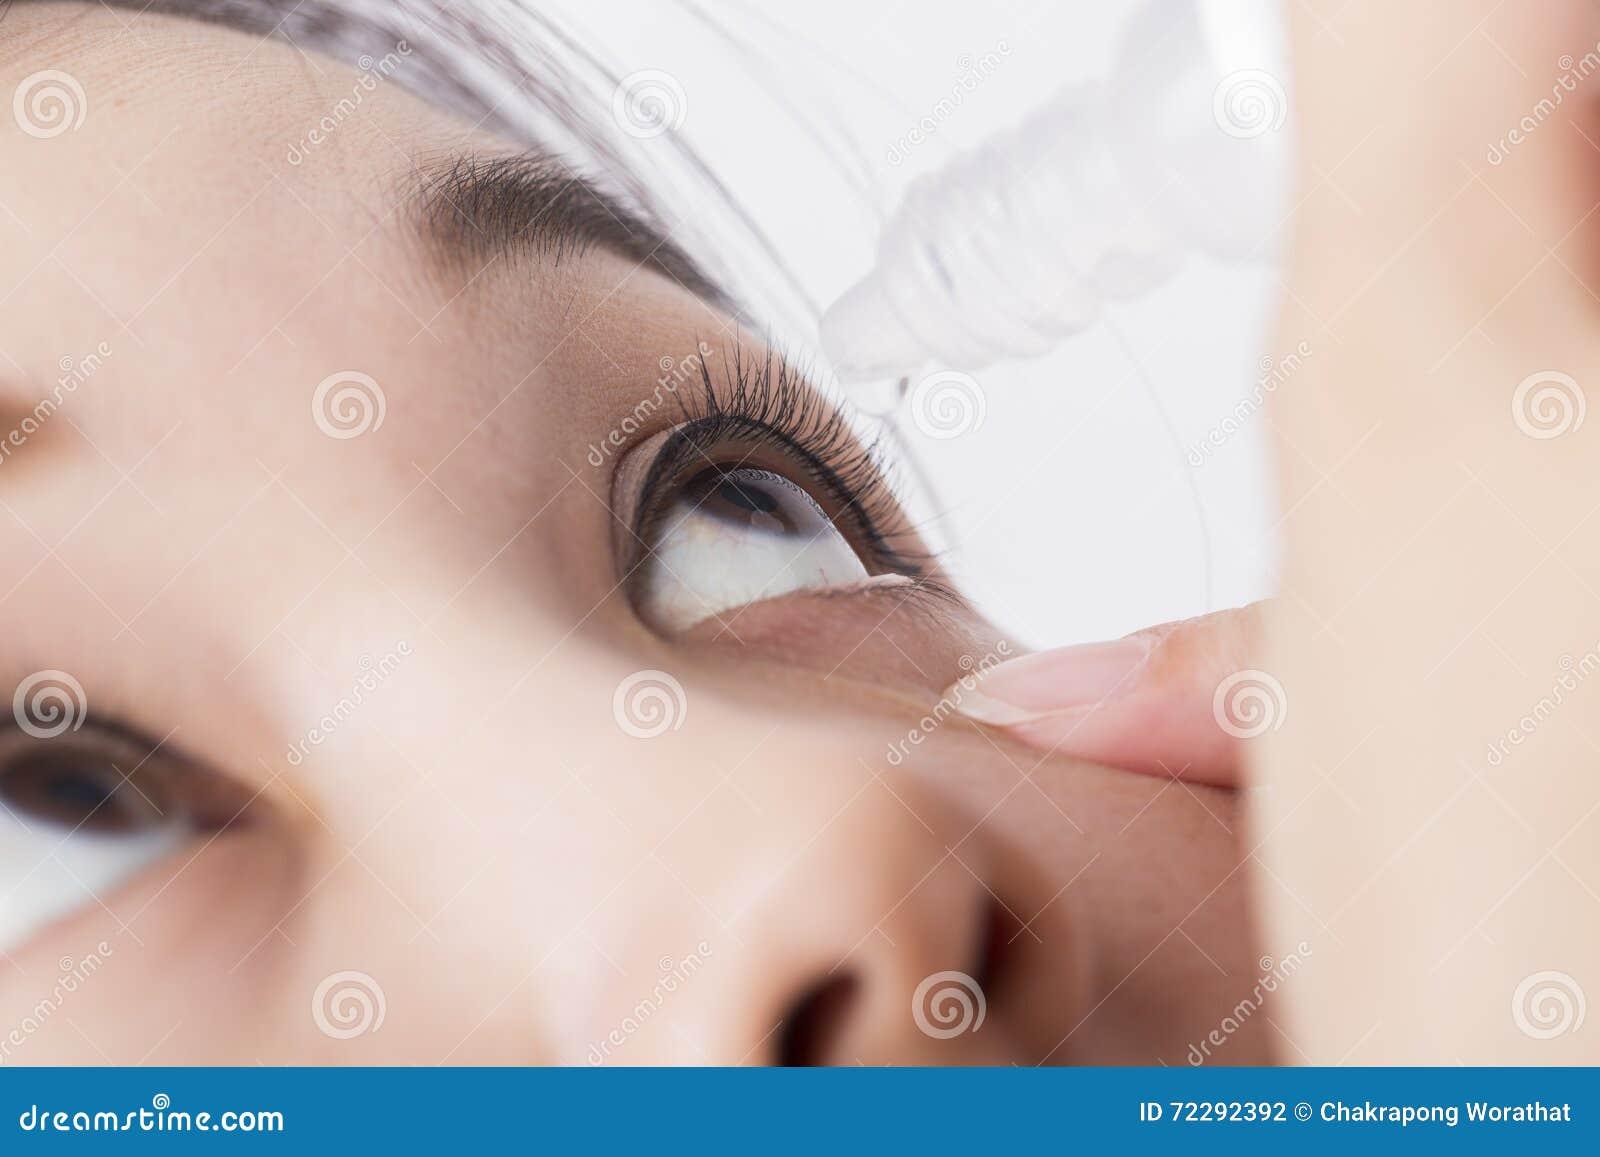 Download Закройте вверх по потекам в лекарство катаракты глаза Стоковое Фото - изображение насчитывающей конструкция, дело: 72292392